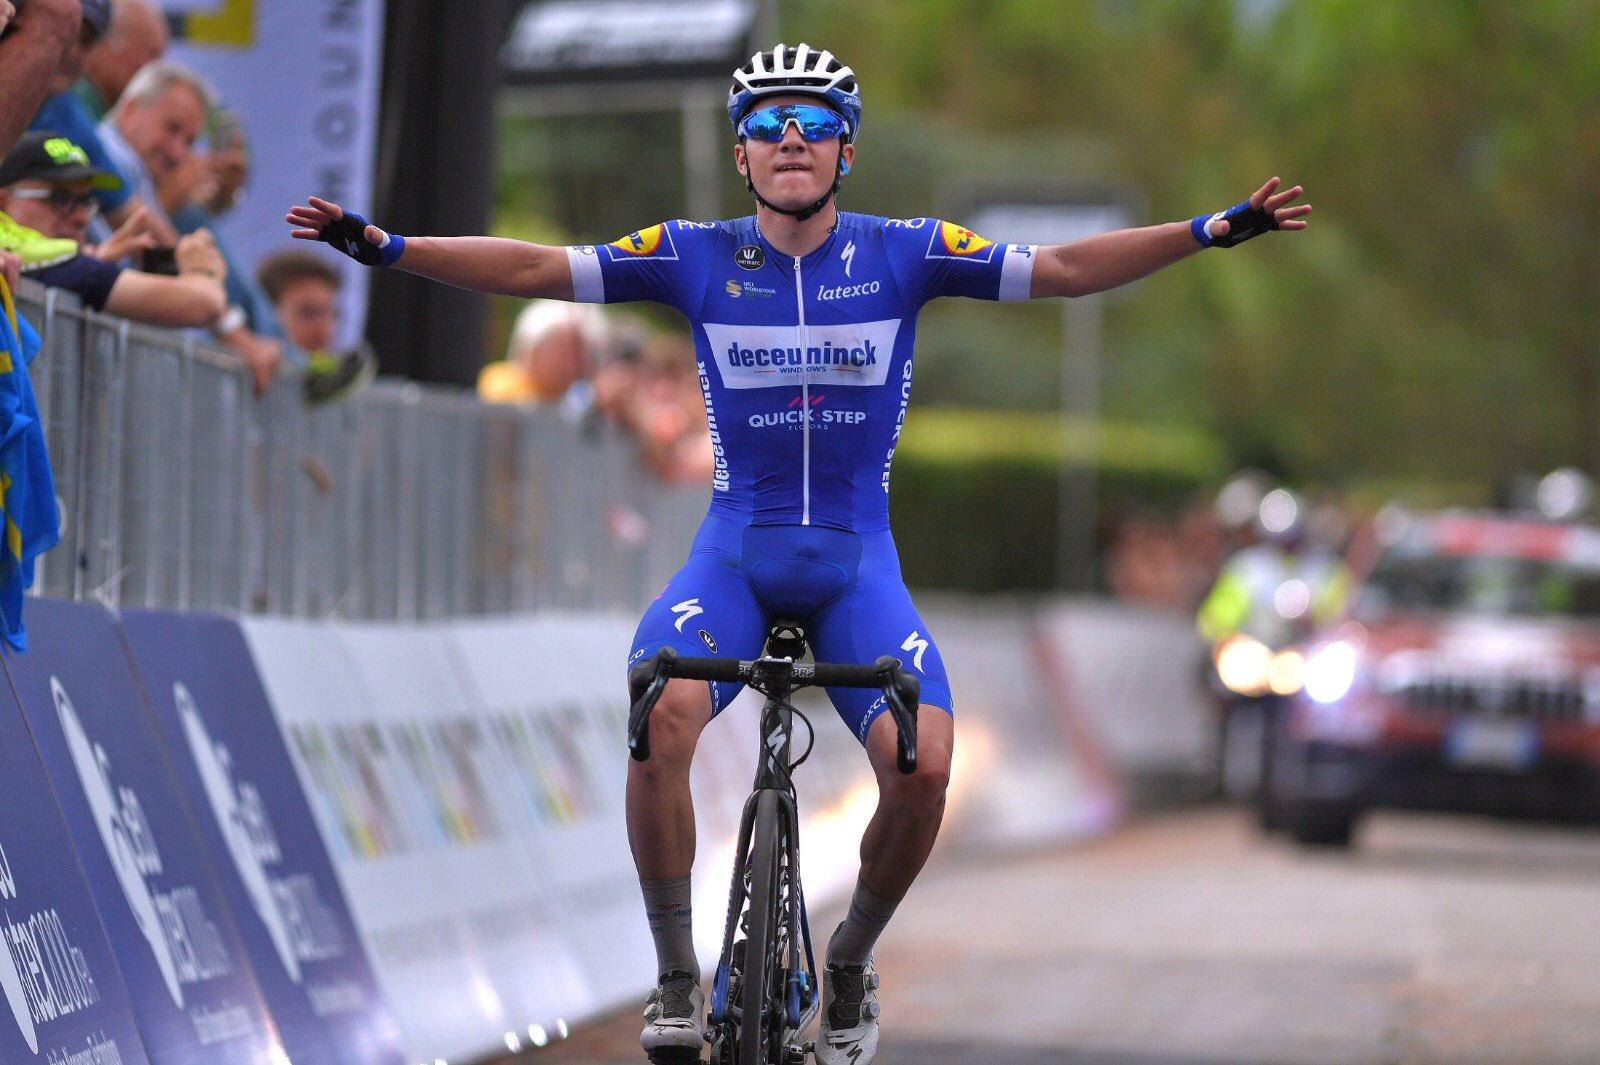 Remco Evenepoel vince la Clasica S. Sebastian a soli 19 anni